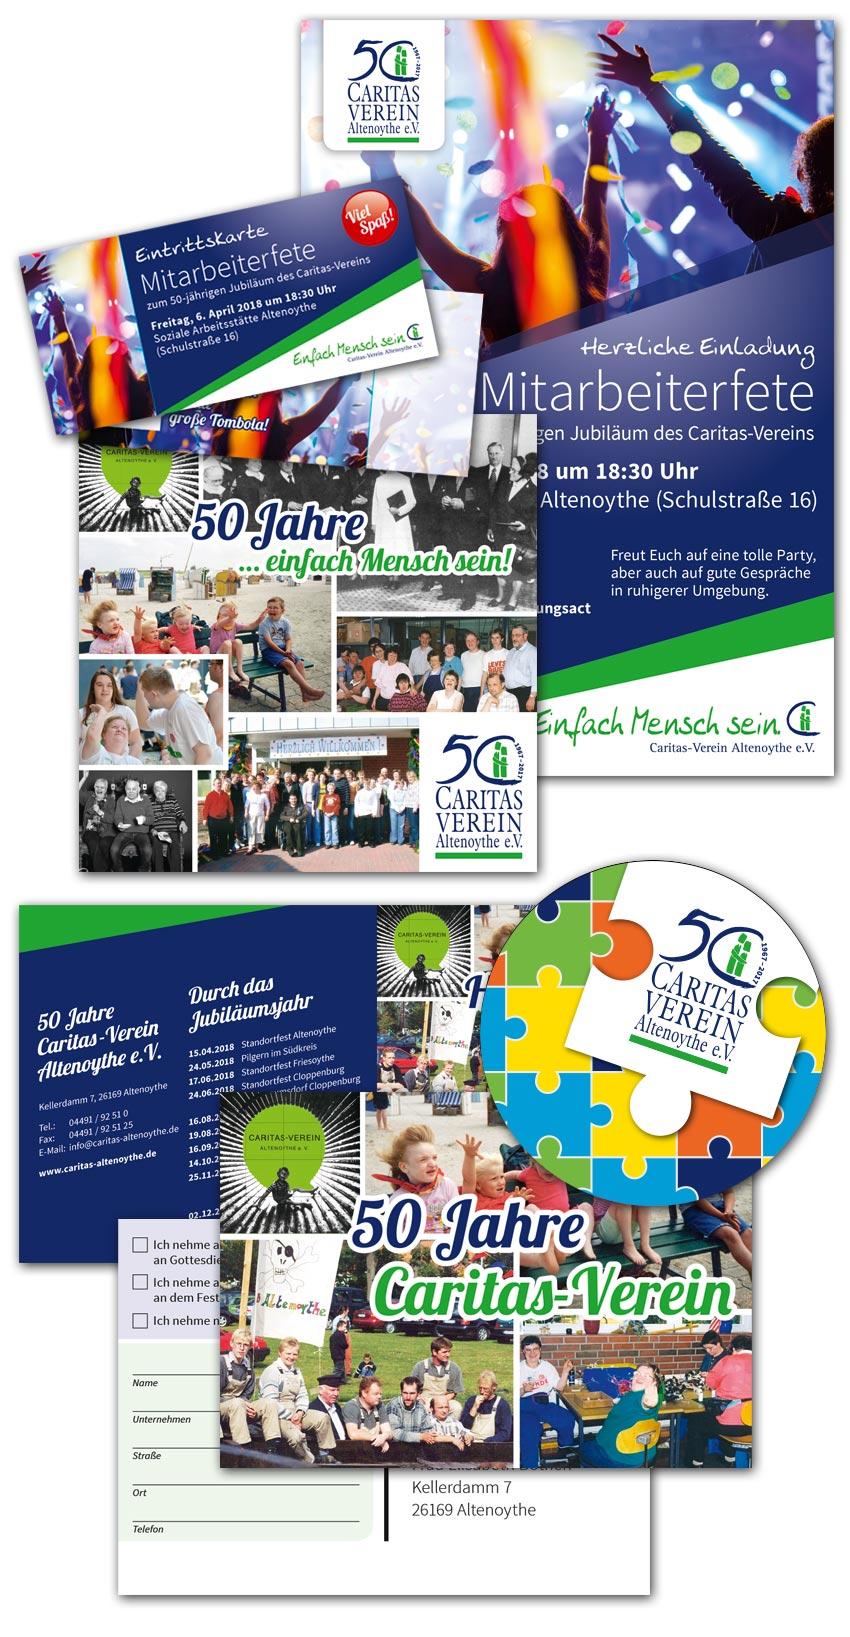 Design 50 Jahre Caritas-Verein Altenoythe